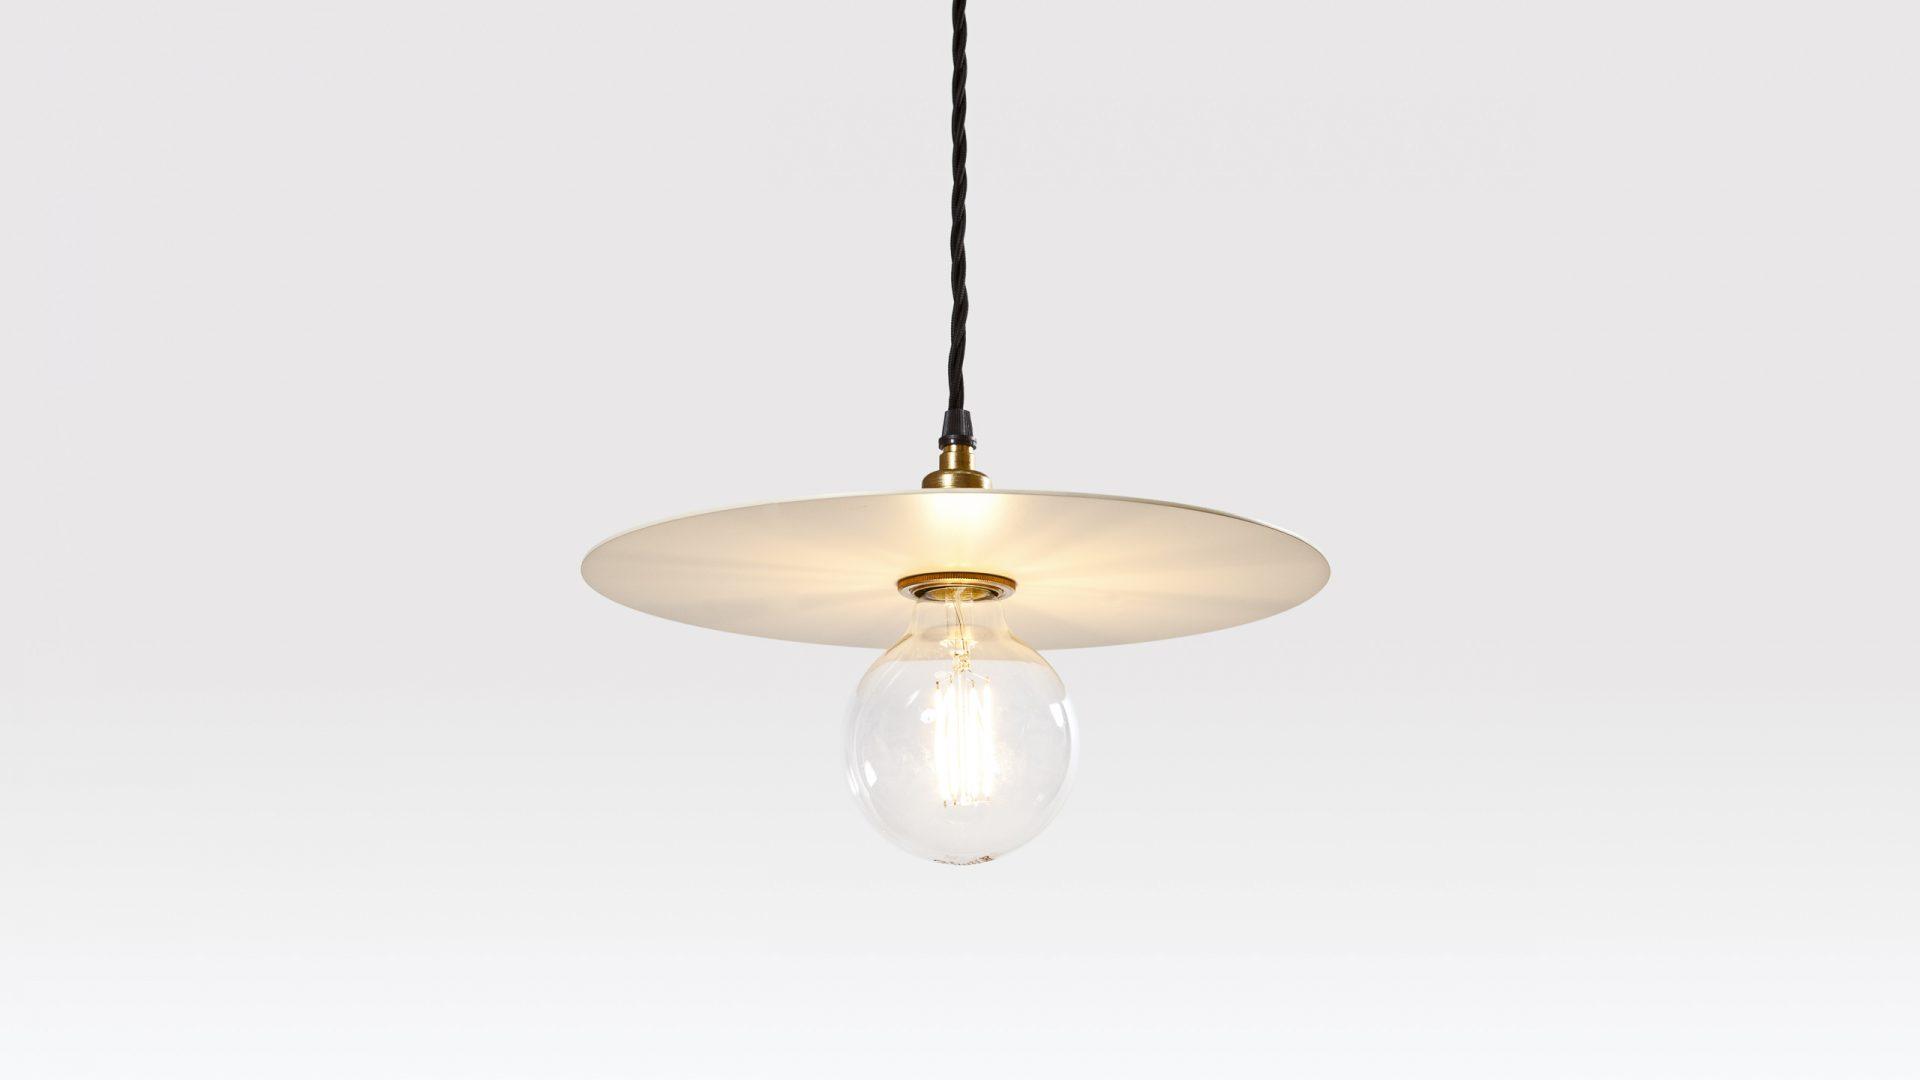 Br Pendant Lights Round Light